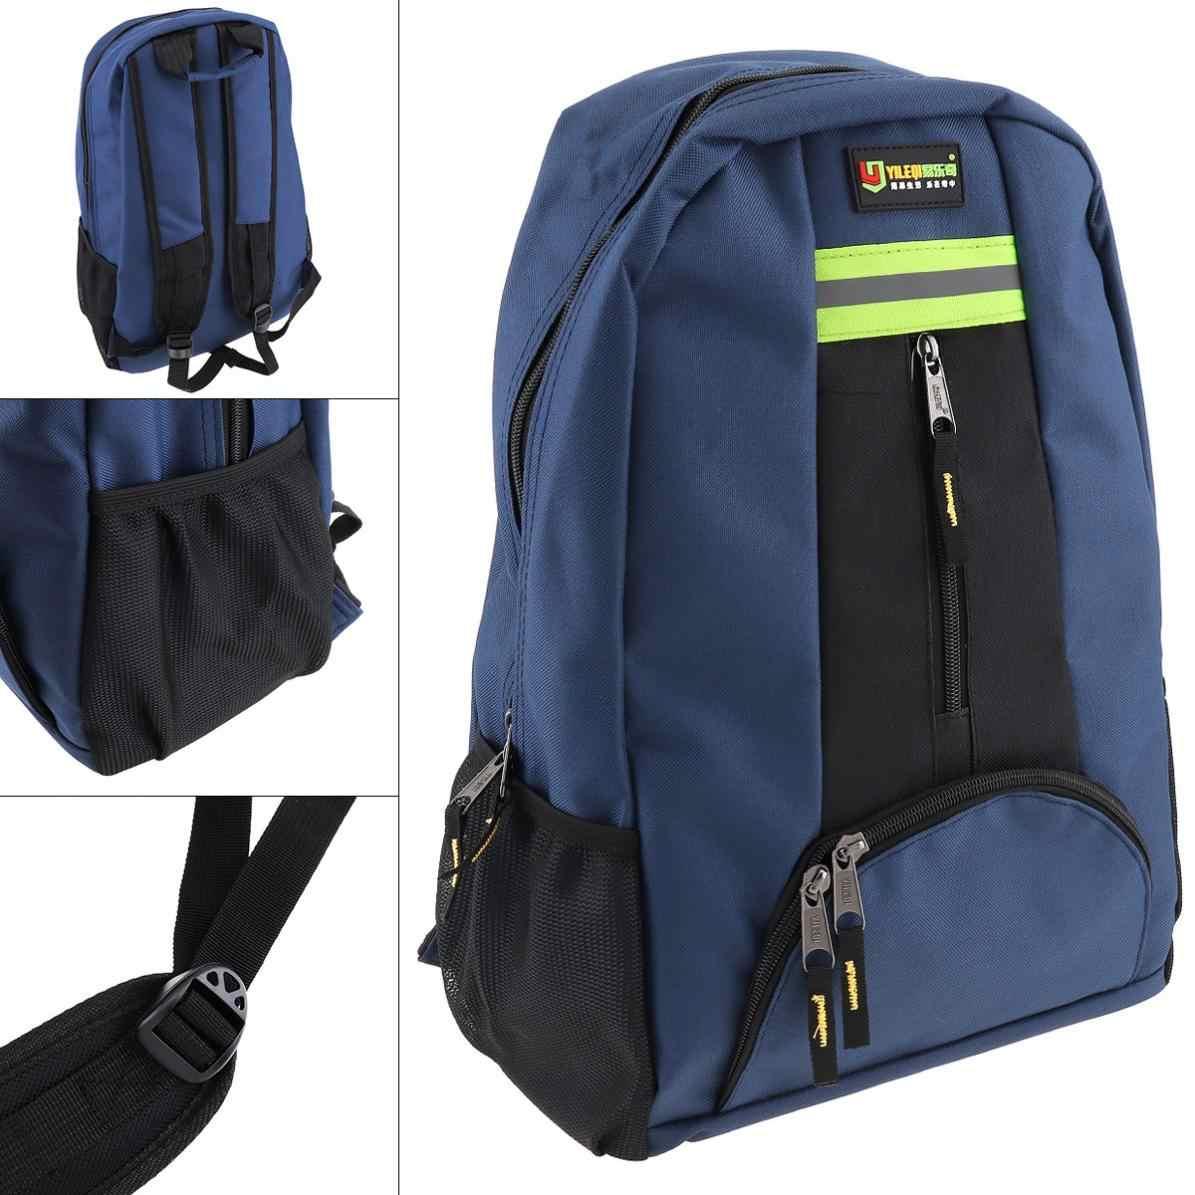 Многофункциональный Оксфордский водонепроницаемый рюкзак-сумка для инструментов с 12 карманами и лента безопасности для инструментов обслуживания